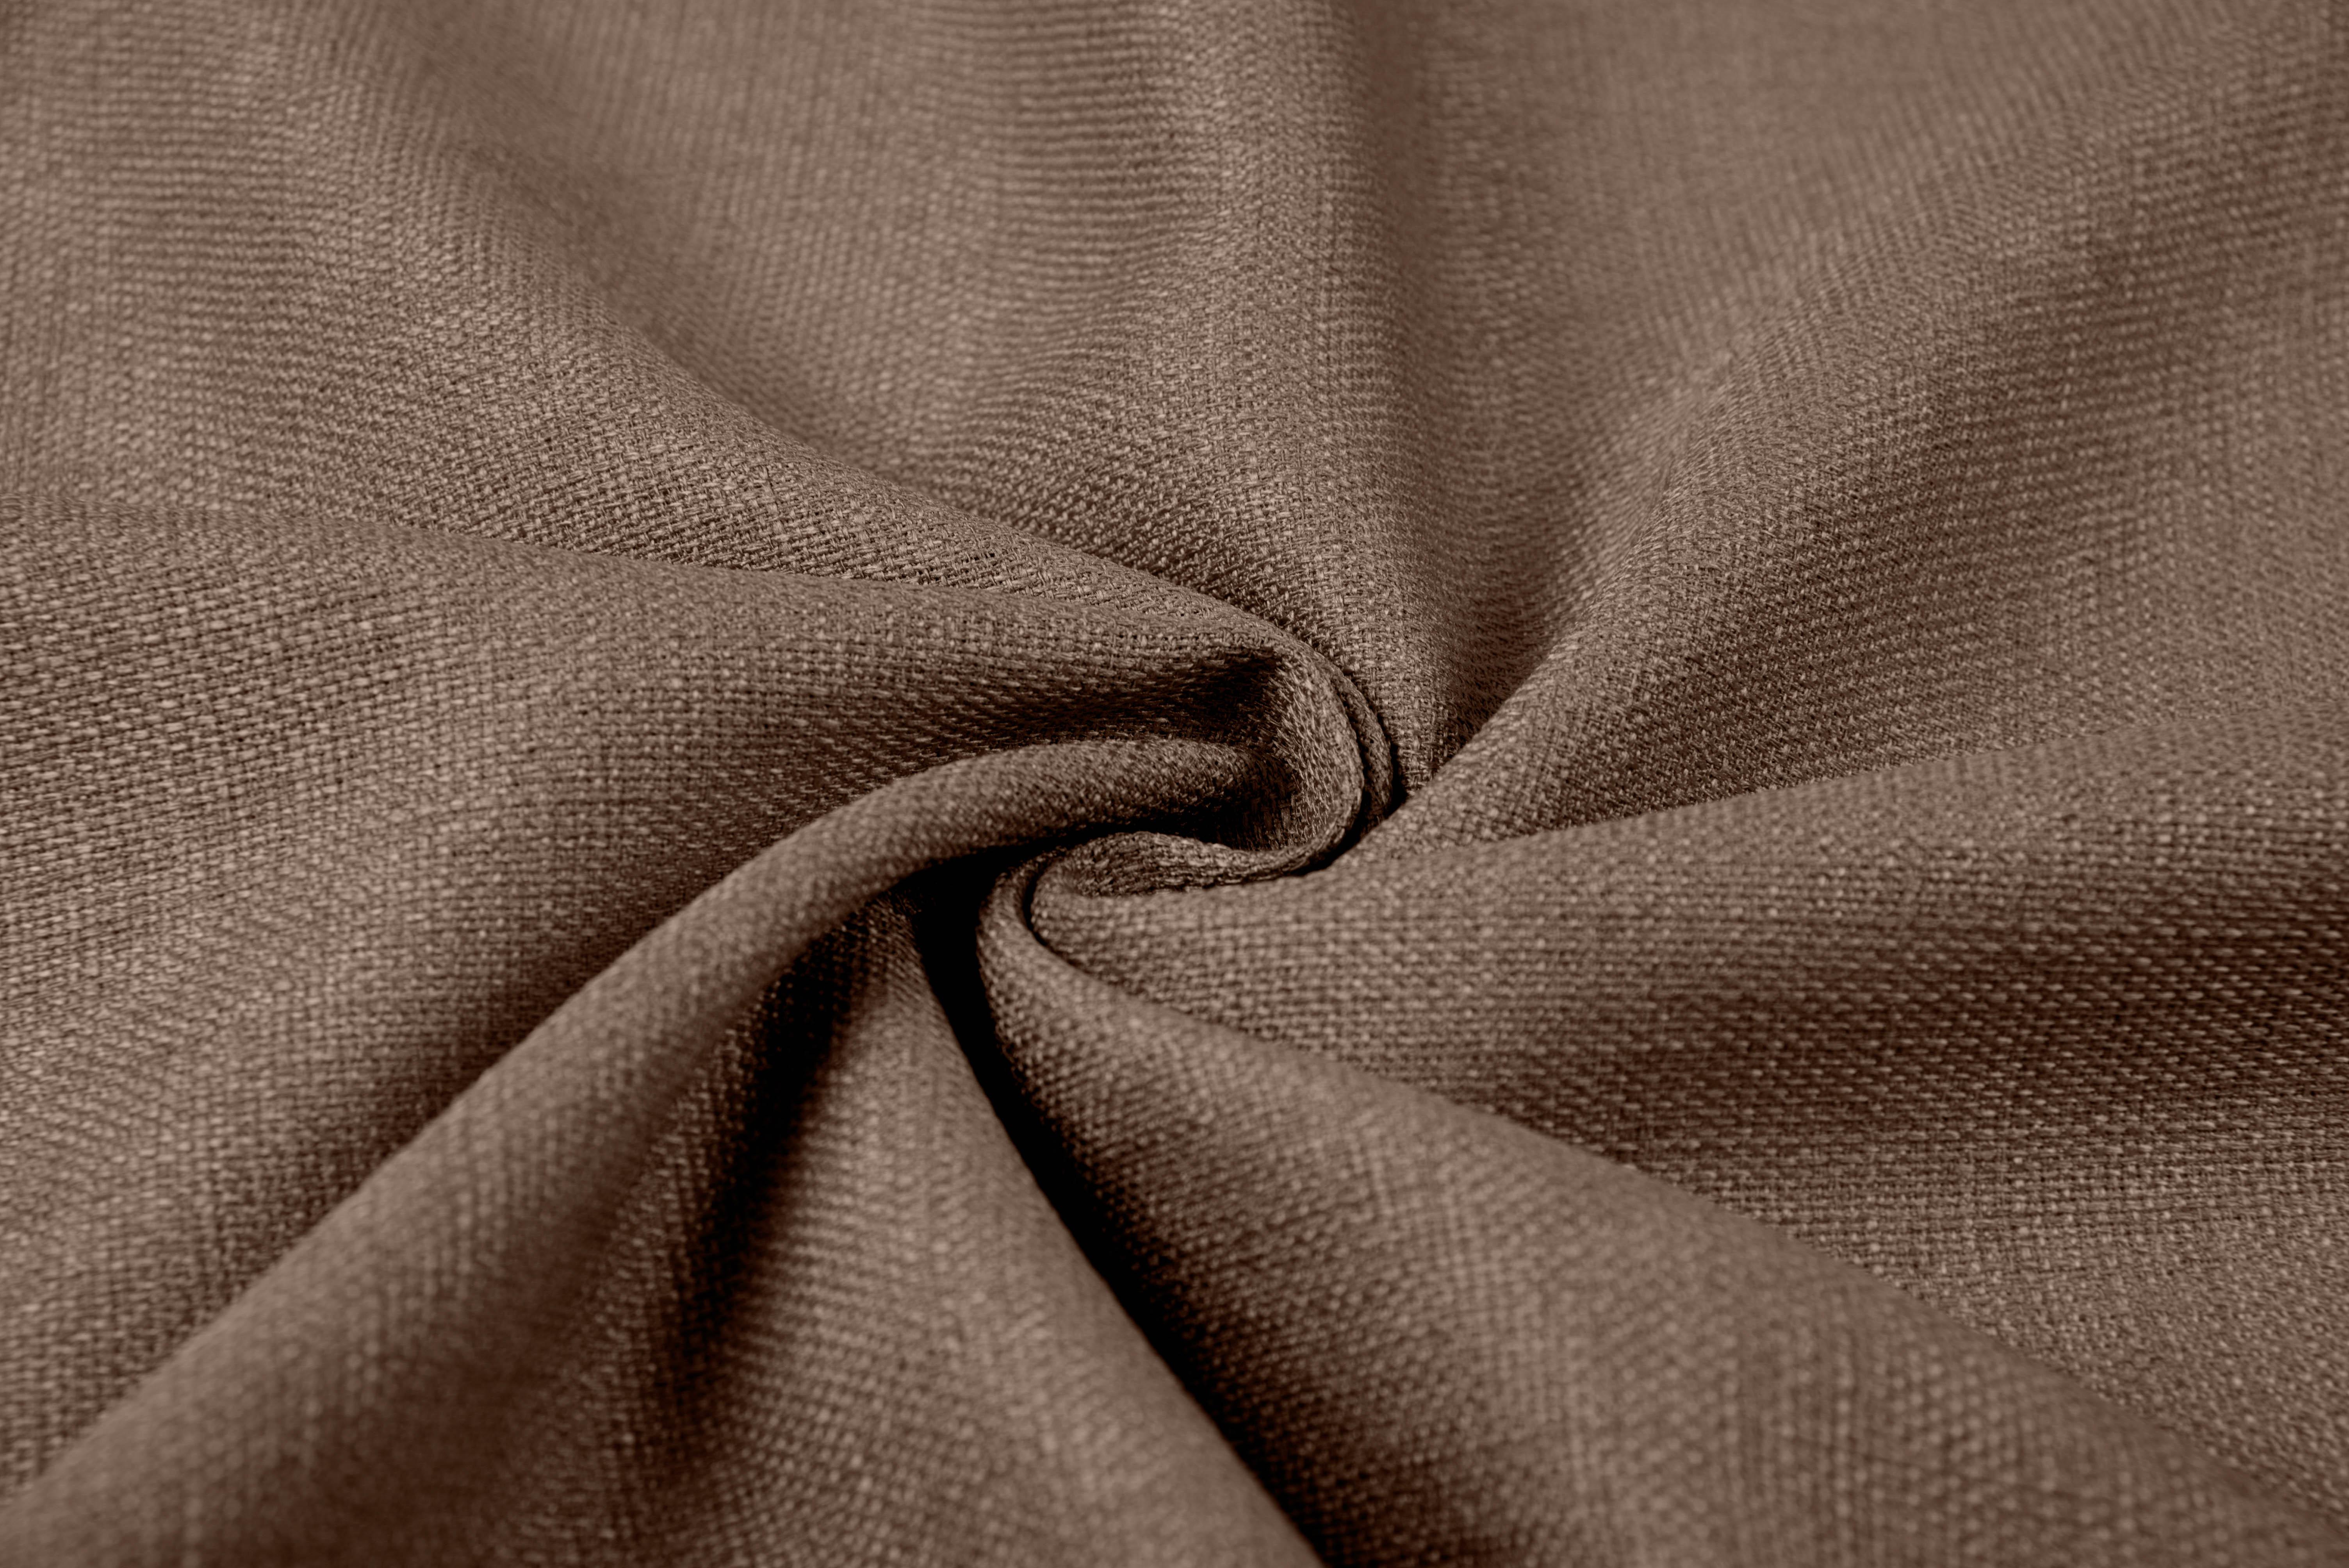 {} TexRepublic Материал Портьерная ткань Tough Цвет: Желтый texrepublic материал портьерная ткань tough цвет зеленый